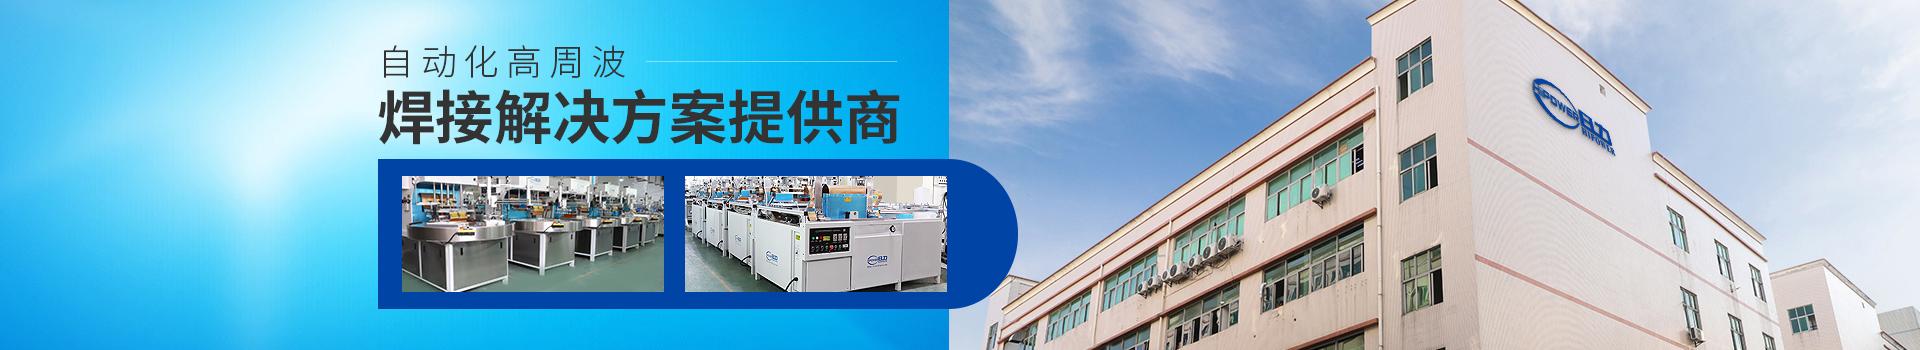 自动化高周波焊接解决方案提供商